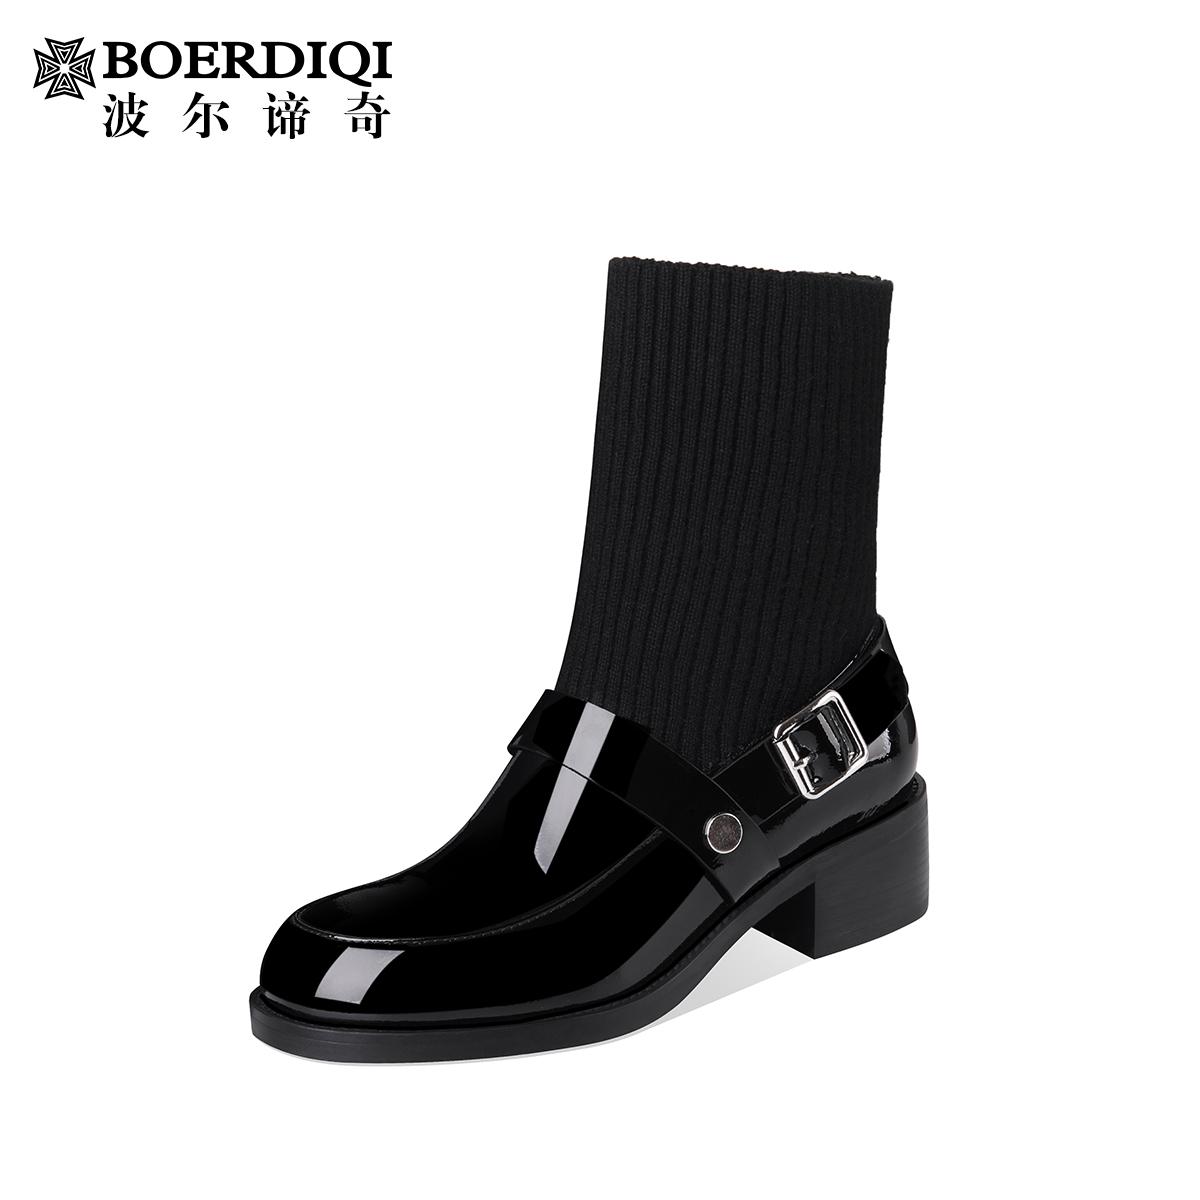 波尔谛奇2019秋季新款女鞋牛漆皮真皮时尚洋气短靴85433